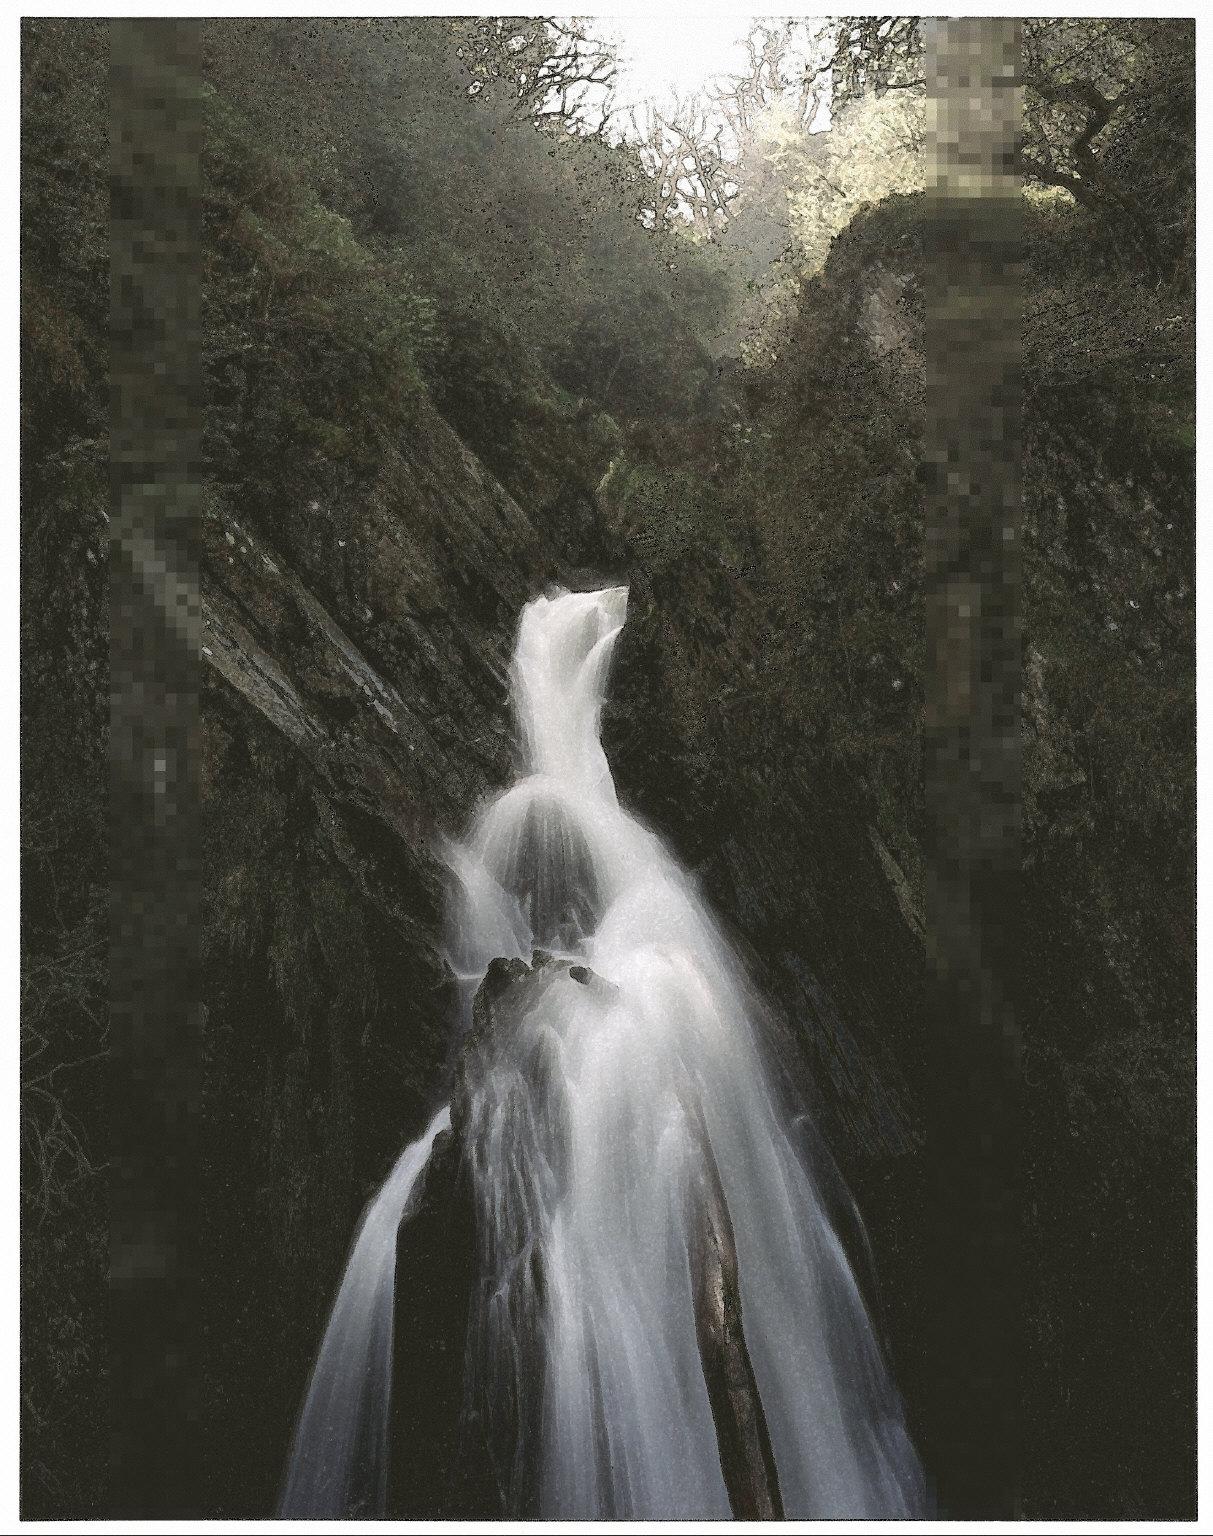 Mynach Falls at Devil's Bridge, North Wales